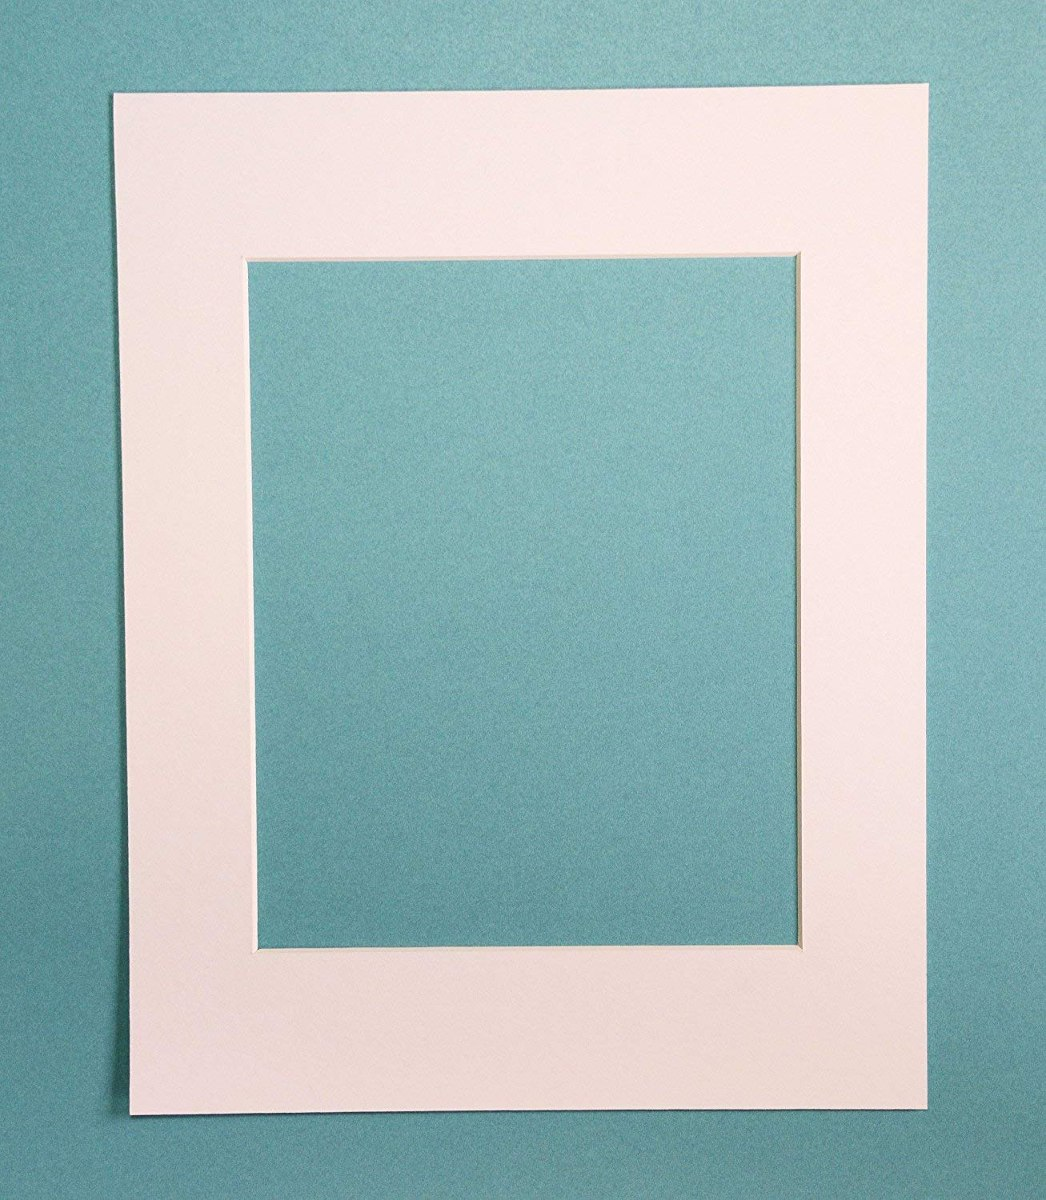 Pack De 10 Blanco 11x14 Cuadro Mats Estero Con White Core - $ 99.000 ...